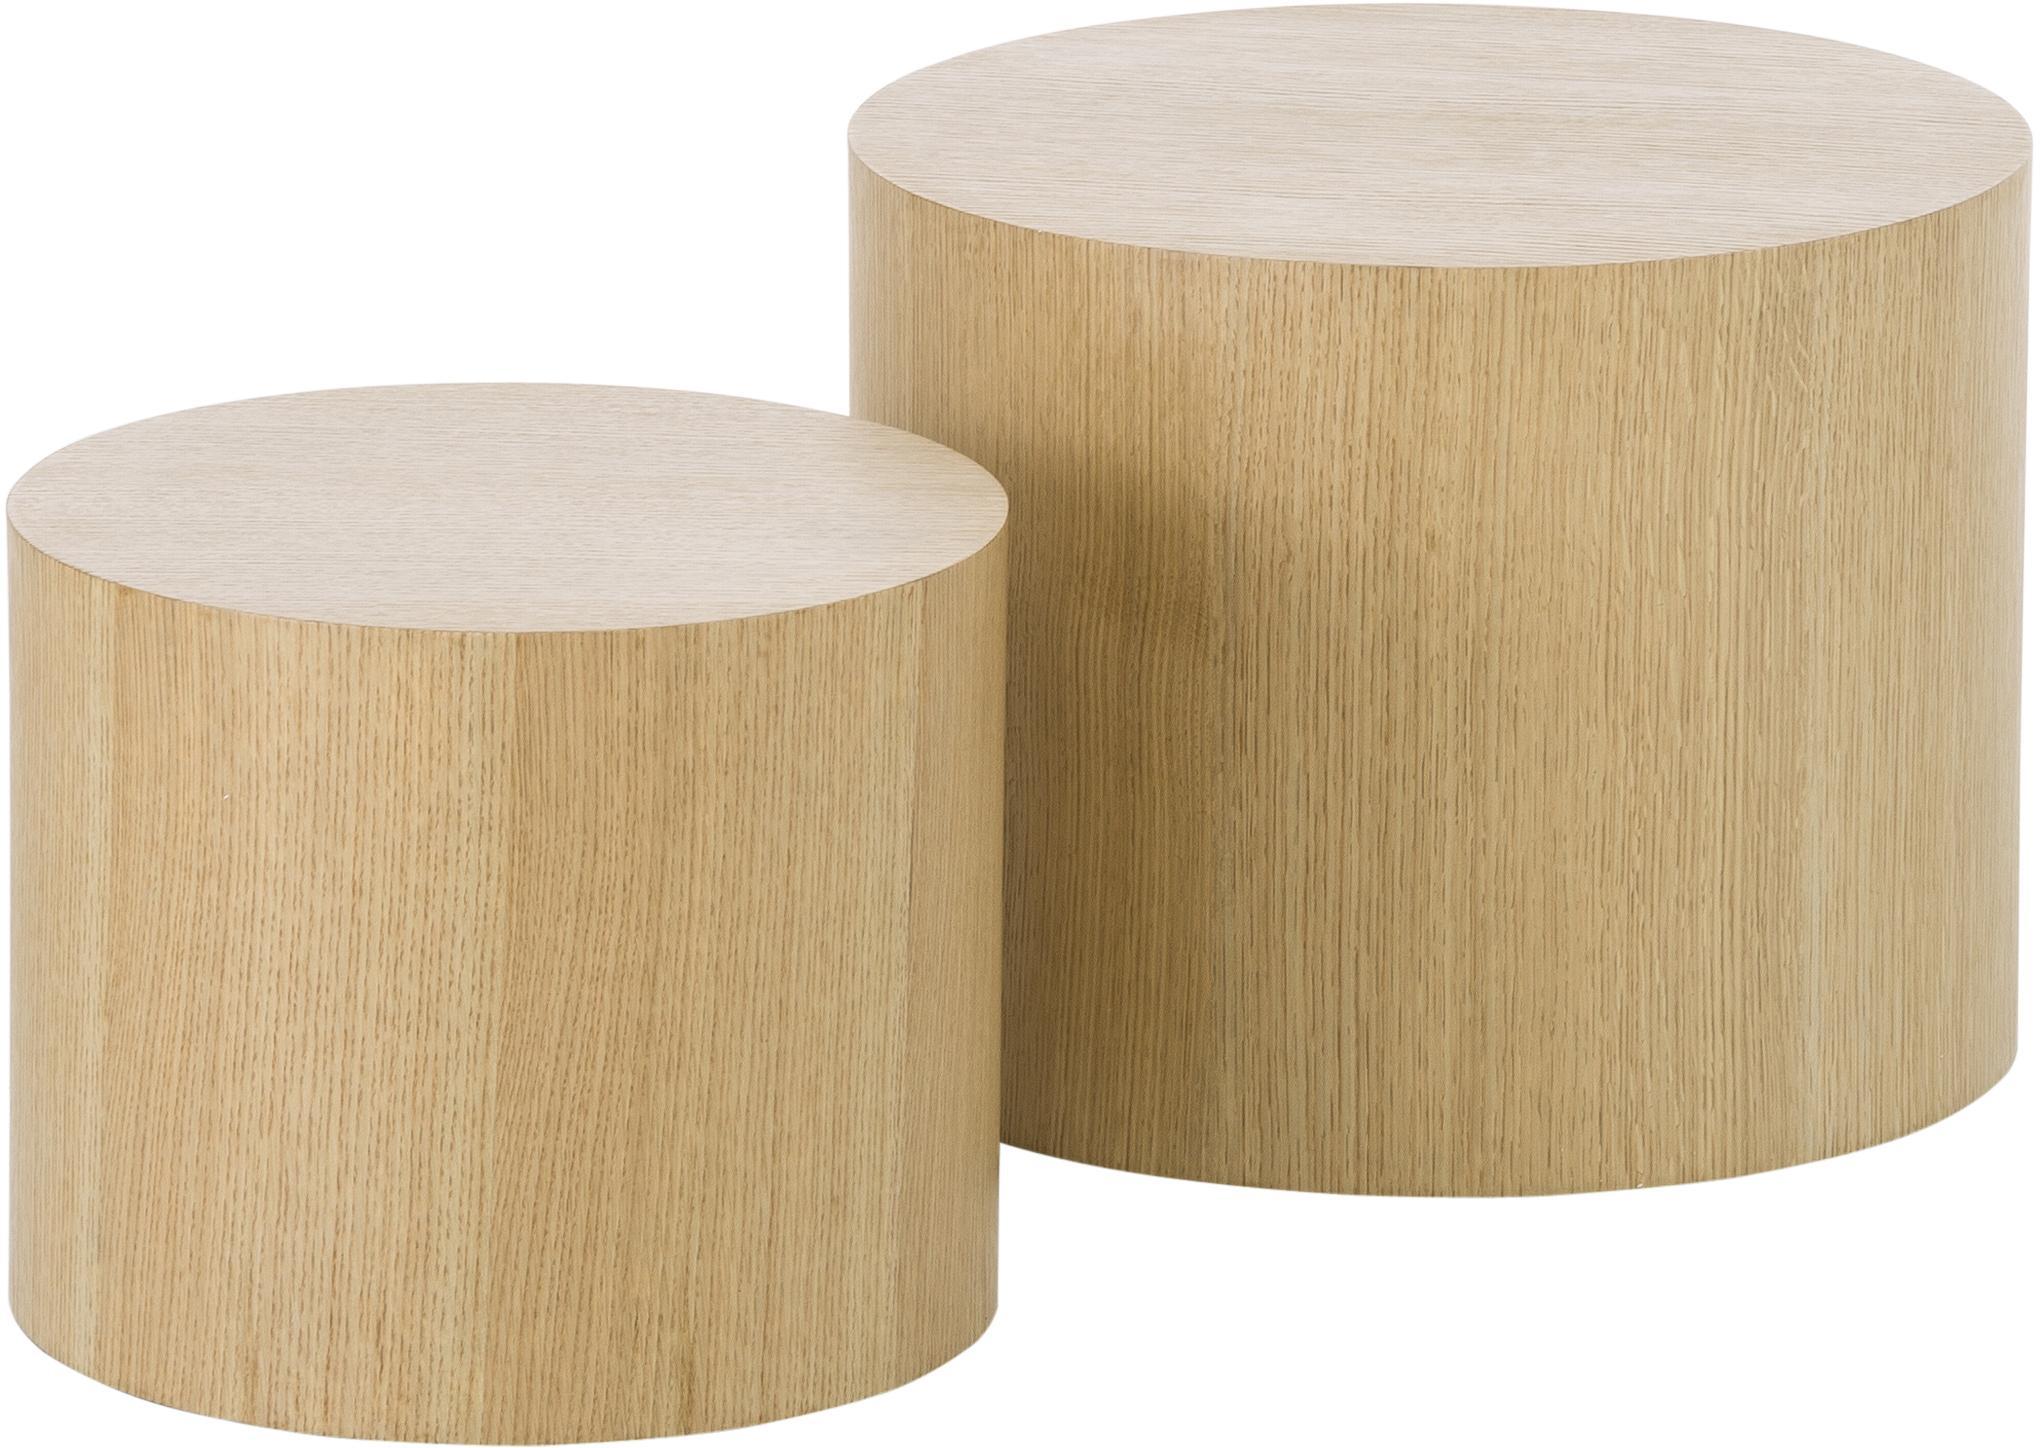 Set 2  tavolini in legno Dan, Pannello di fibra a media densità (MDF) con impiallacciatura in rovere, Marrone chiaro, Set in varie misure